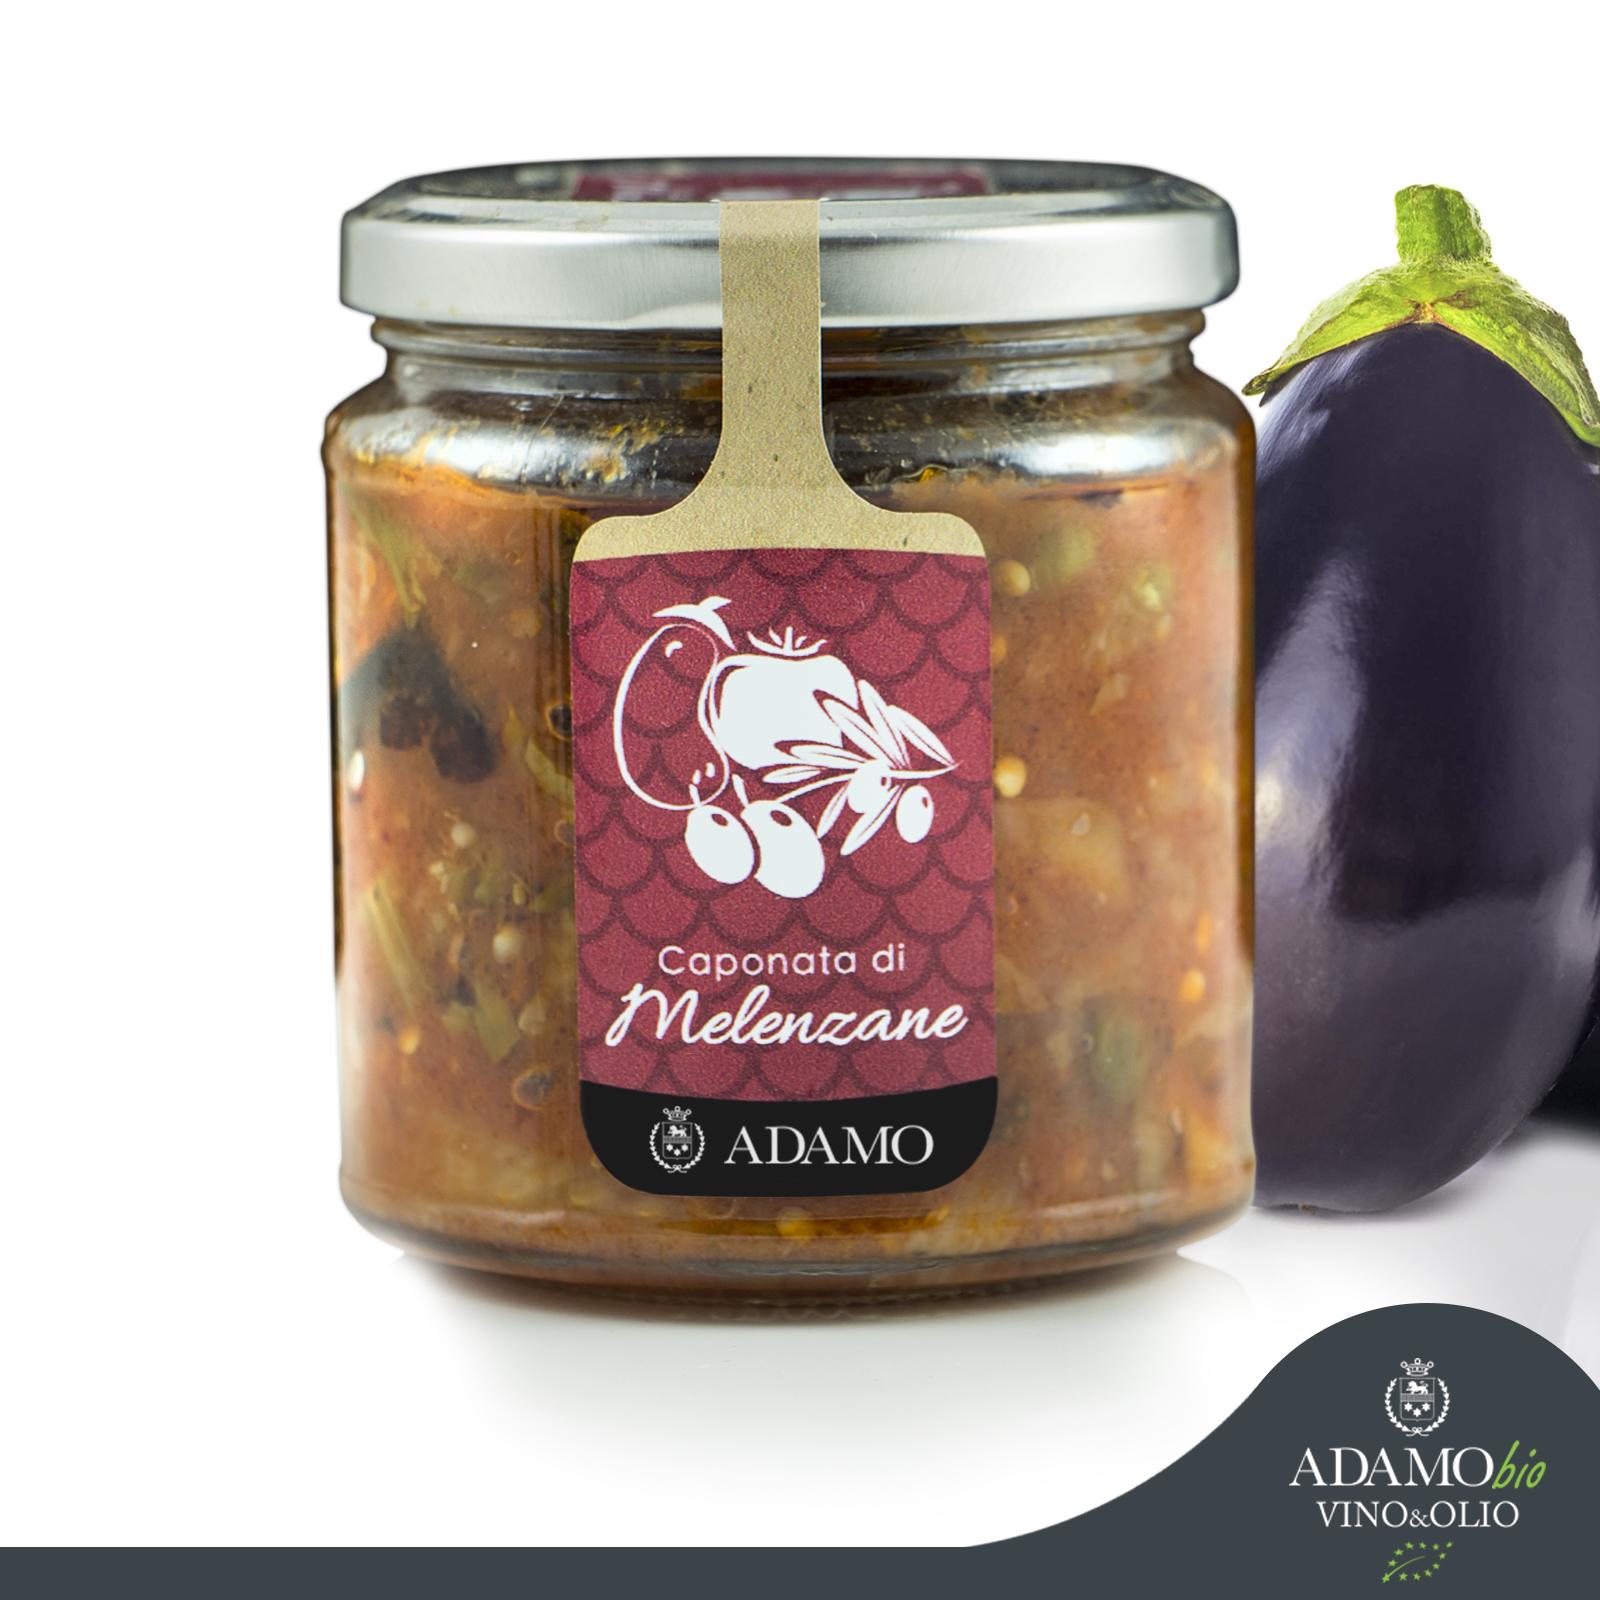 Caponata Siciliana - Empresa Agricola Biologica Adamo